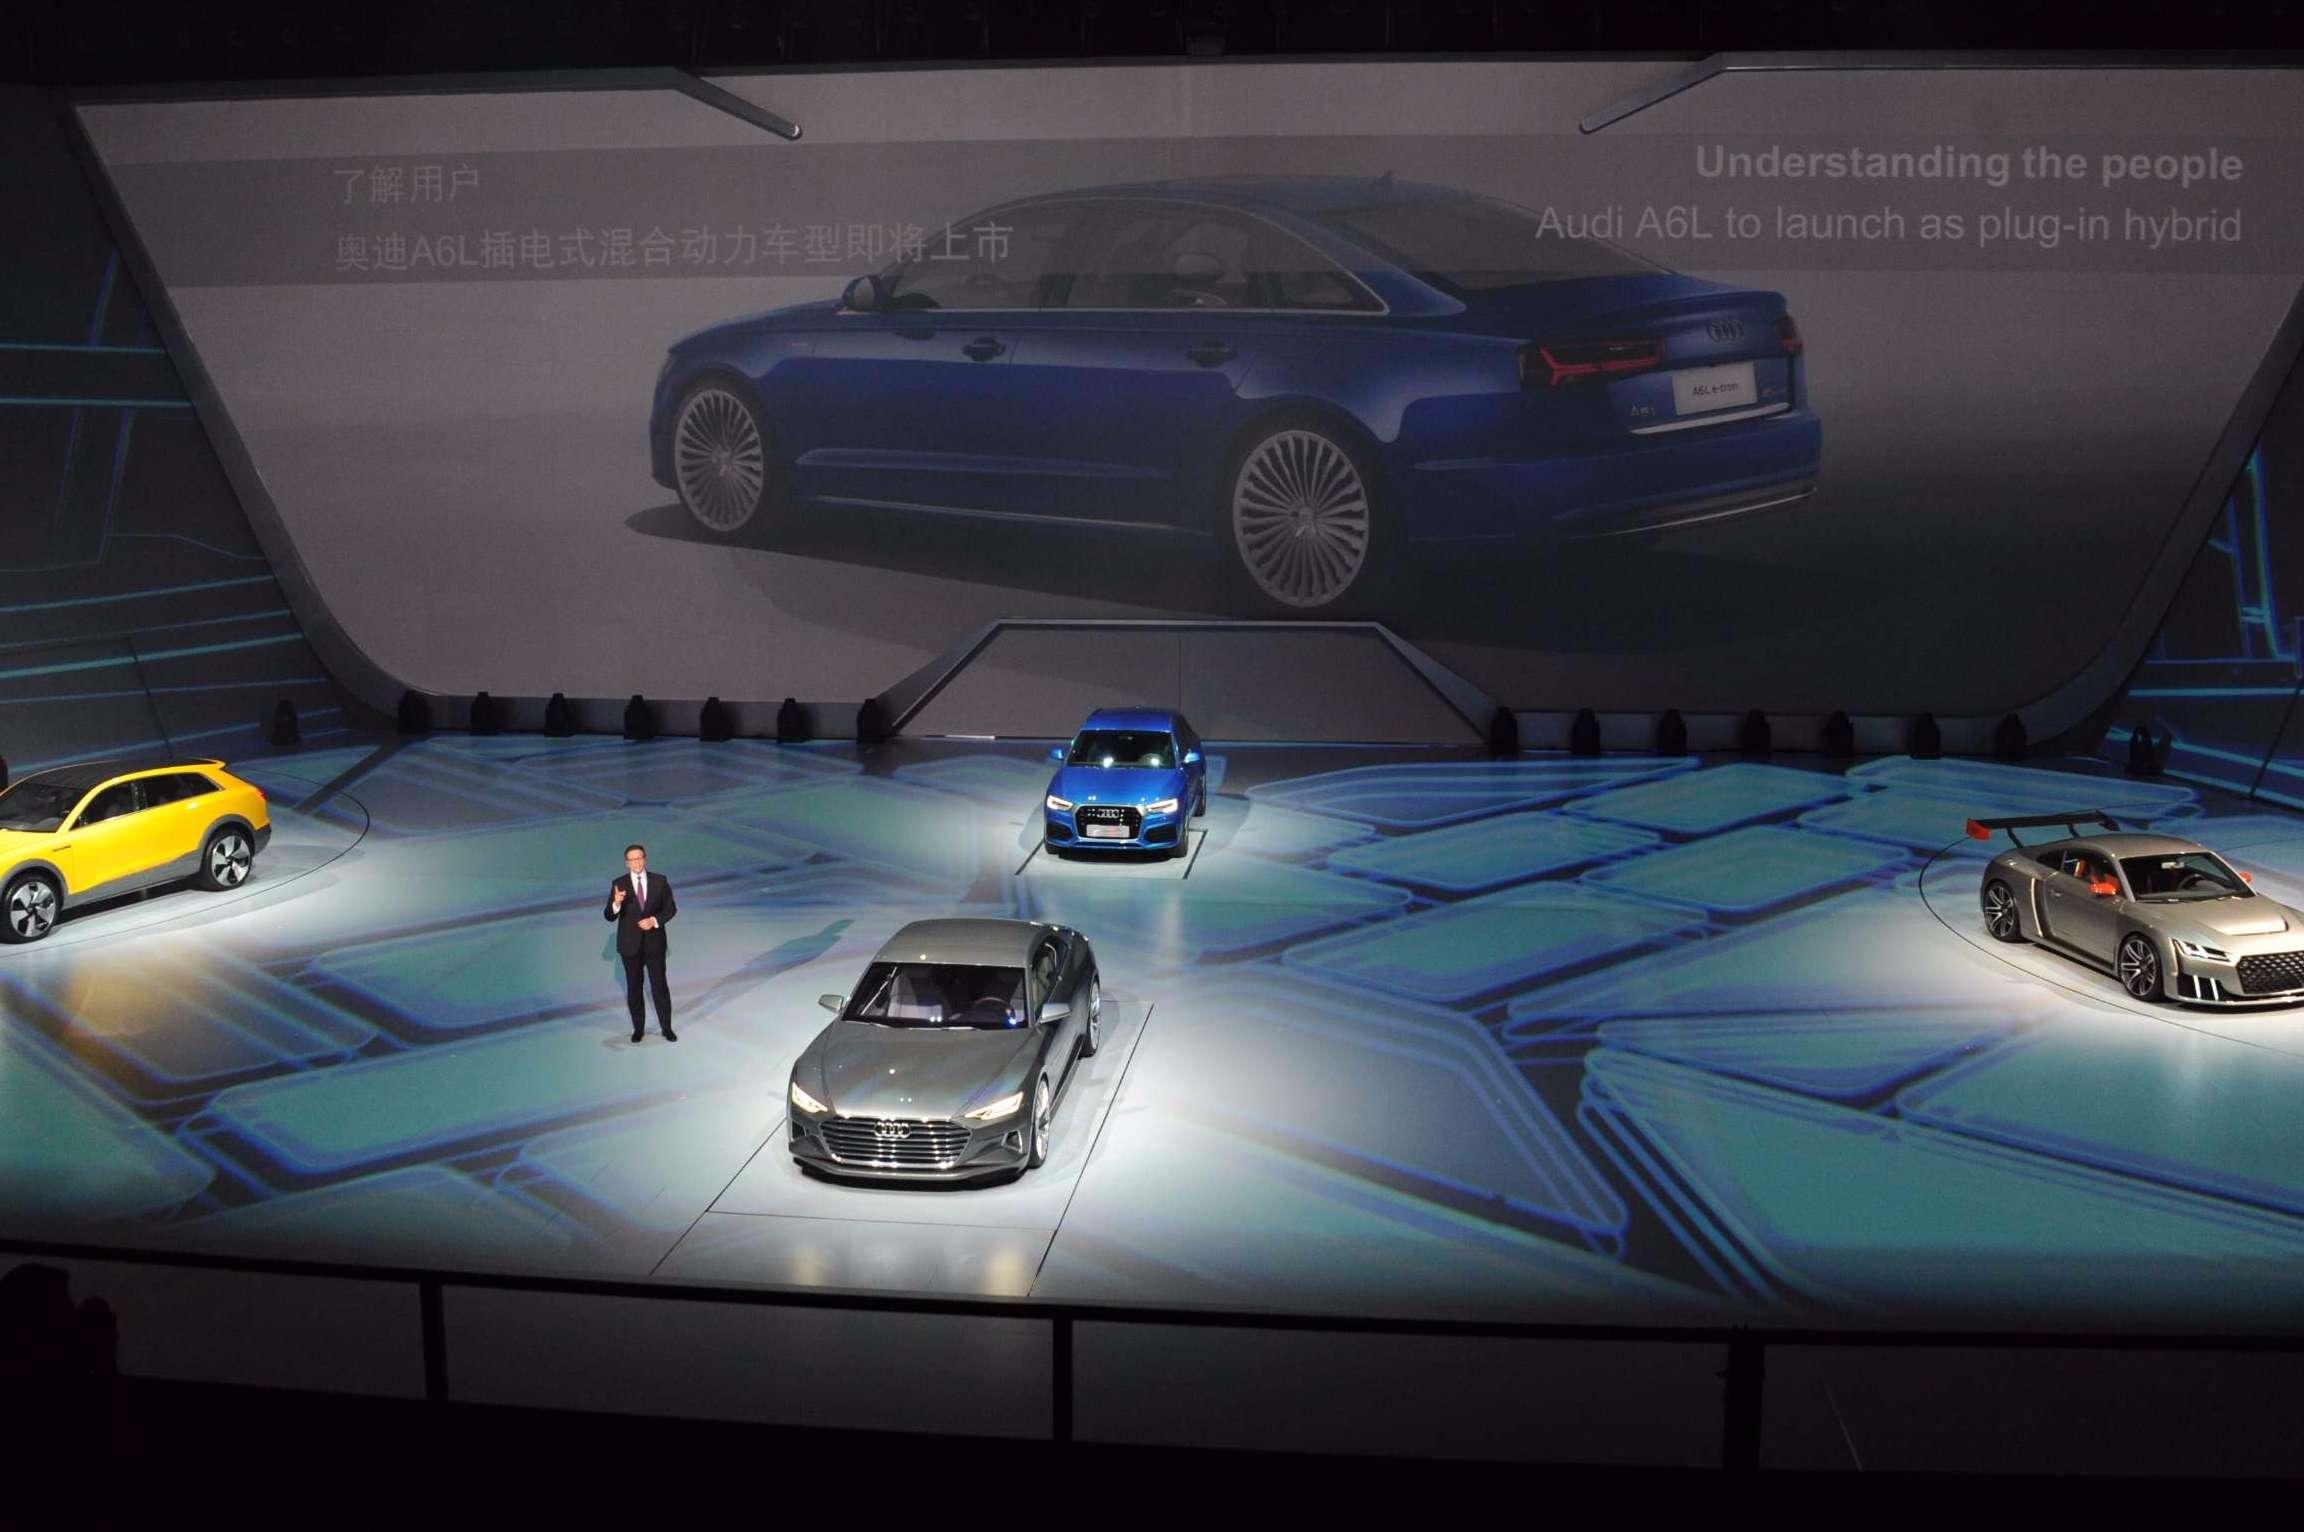 奥迪的新能源汽车计划